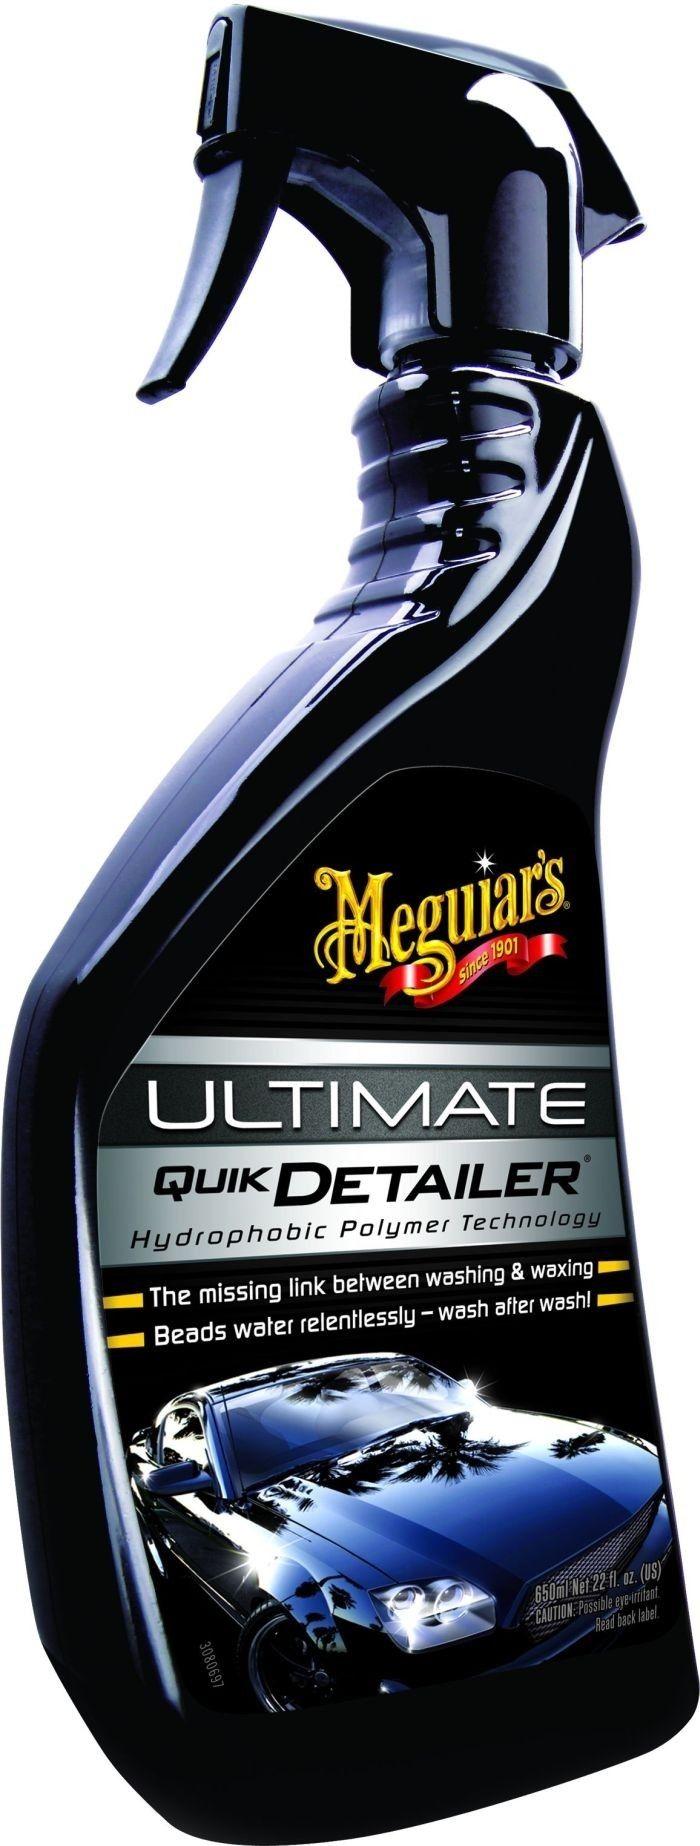 Jual Meguiars Meguiar S Ultimate Quik Detailer Meningkatkan Perlindungan Wax Aman U Semua Permukaan Dg Harga Distributor Tegangan Permukaan Teknologi Wax